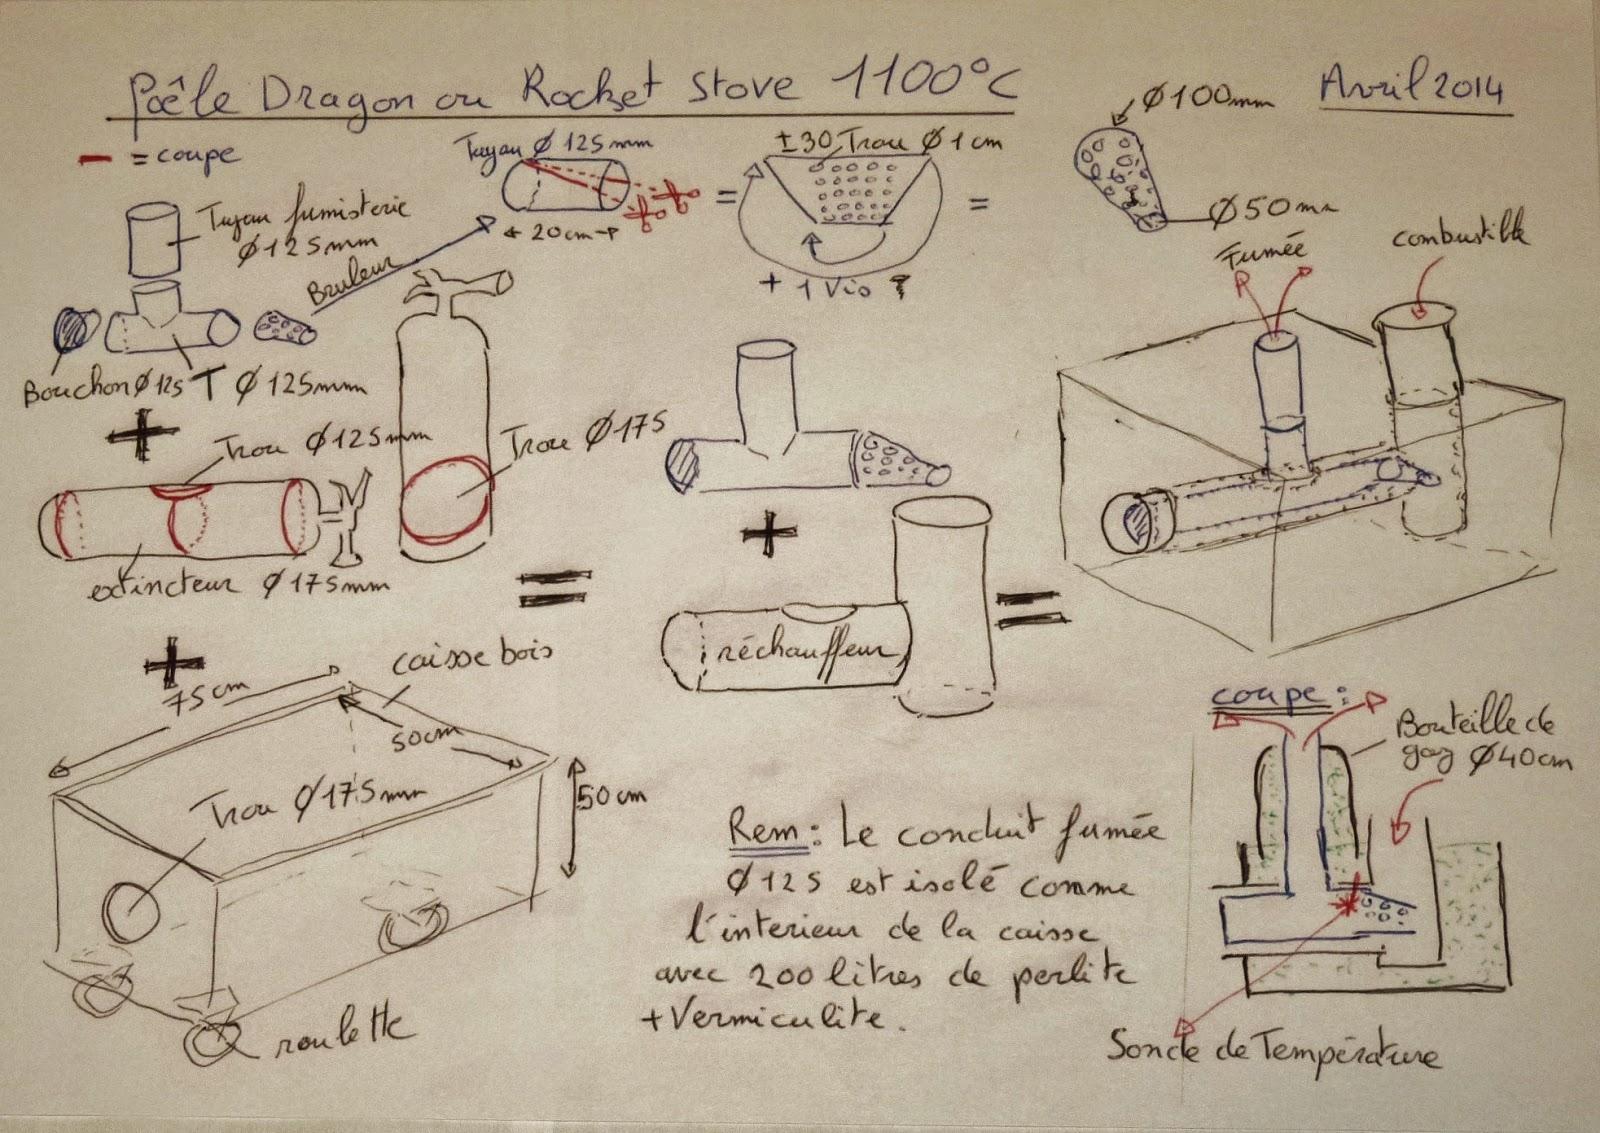 Lenergie Autrement Plan Rocket Stove 1100celsius Ou 2000 Fehrenheit Diagram